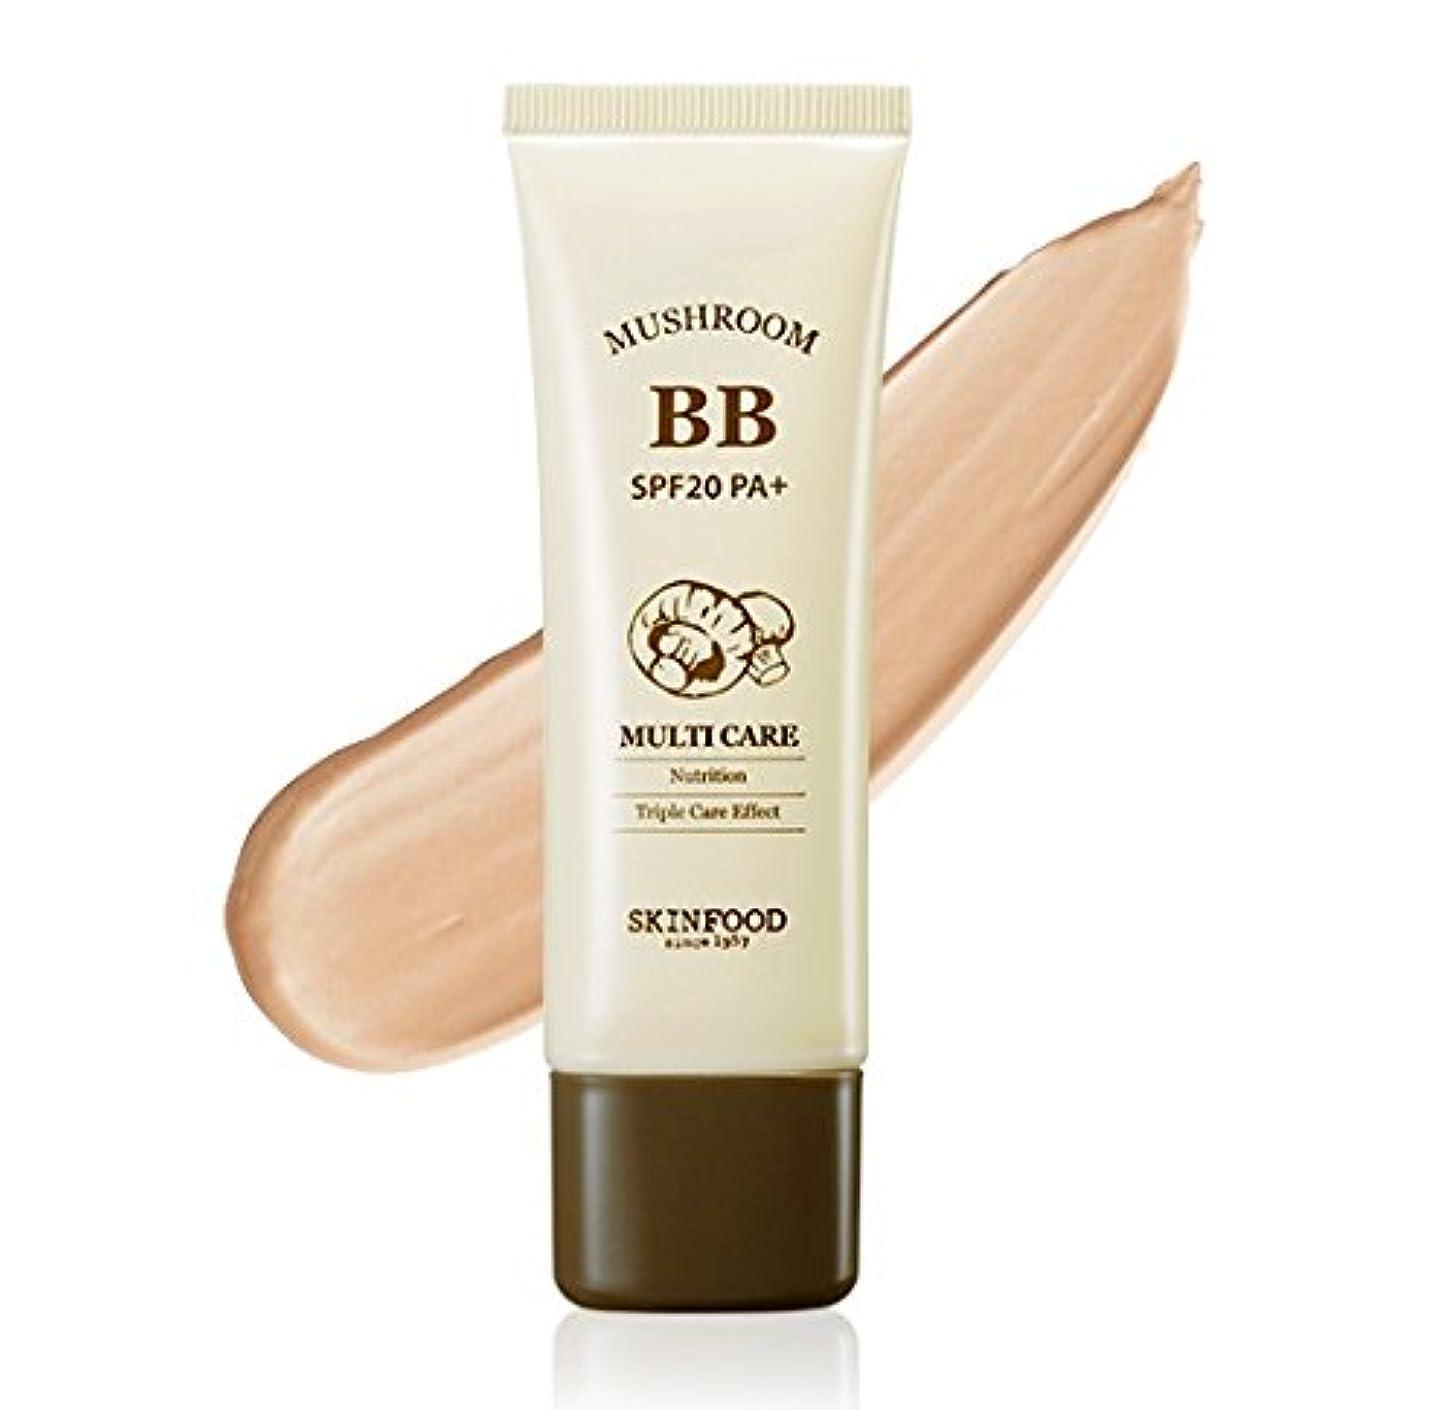 作者縫うヘルシー#Bright skin SKINFOOD Mushroom Multi Care BB Cream スキンフード マッシュルーム マルチケア BB cream クリーム SPF20 PA+ [並行輸入品]